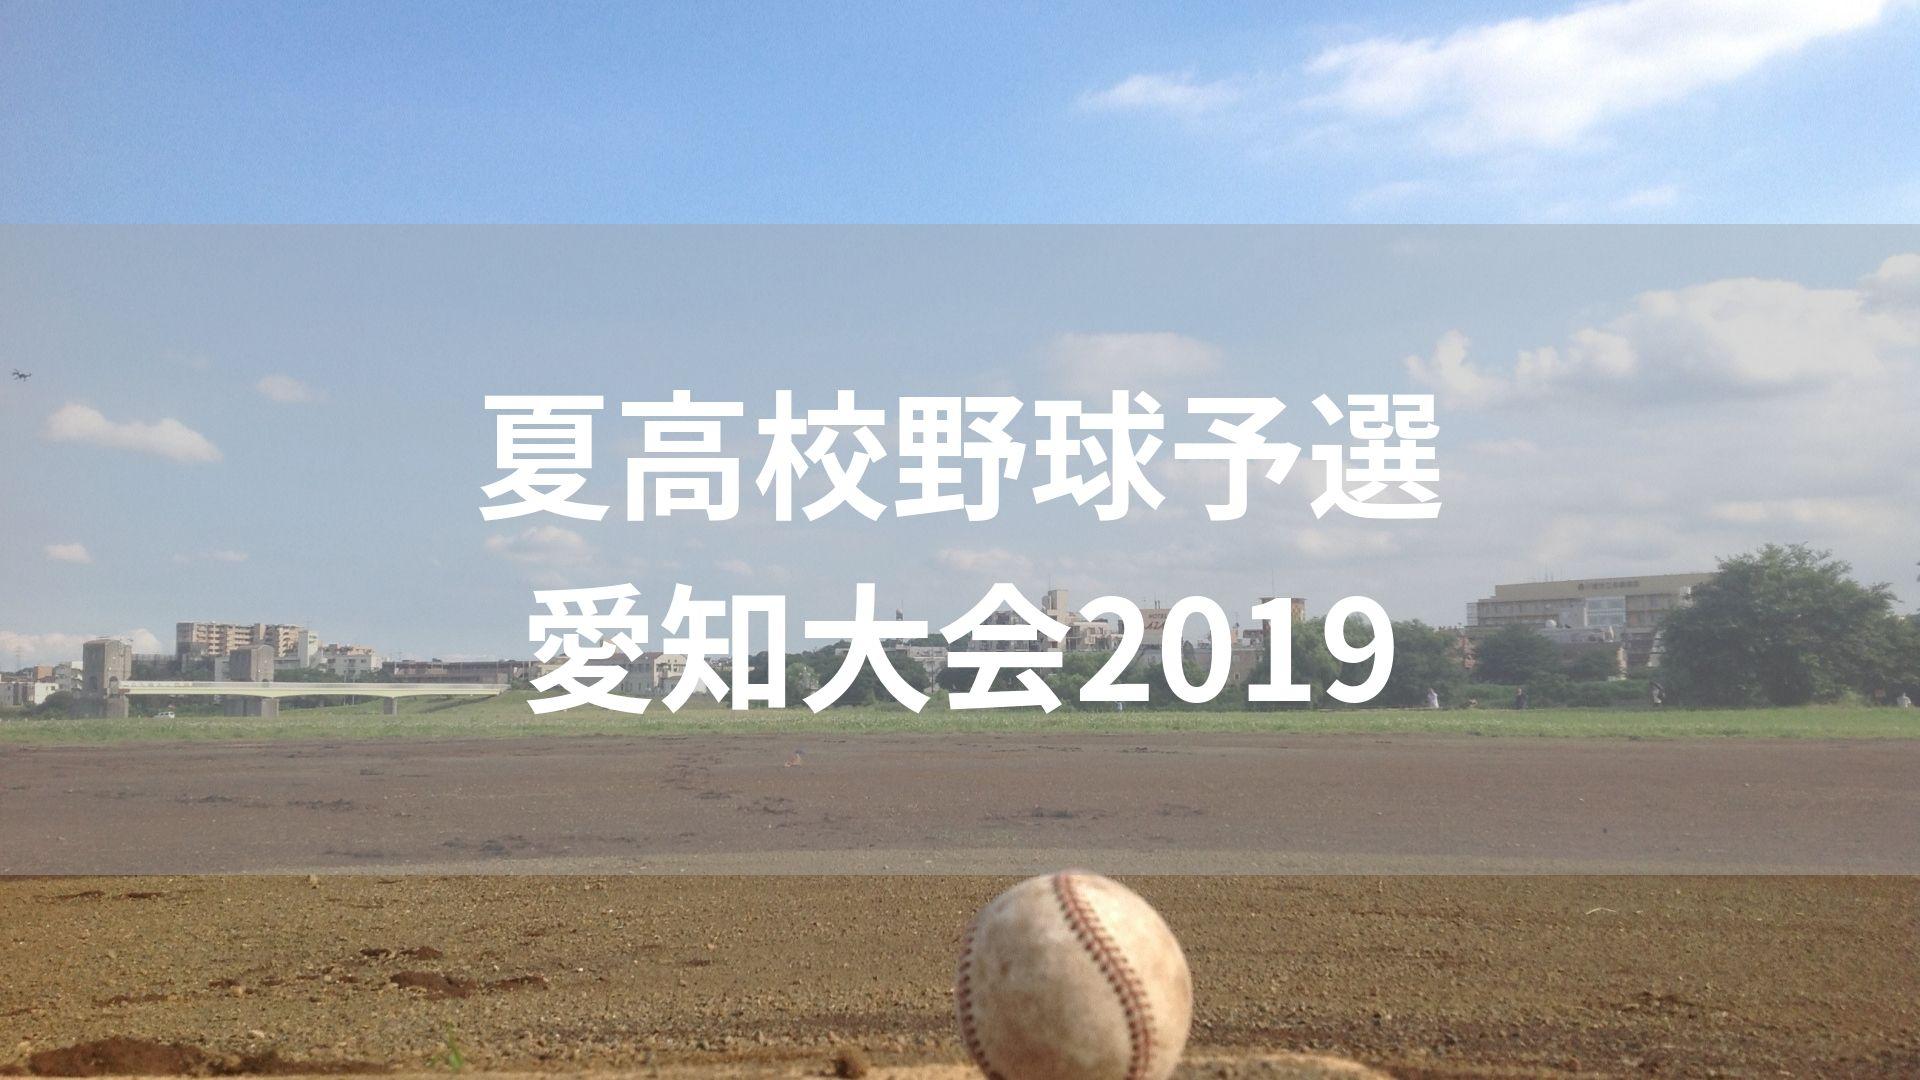 夏高校野球予選愛知大会2019